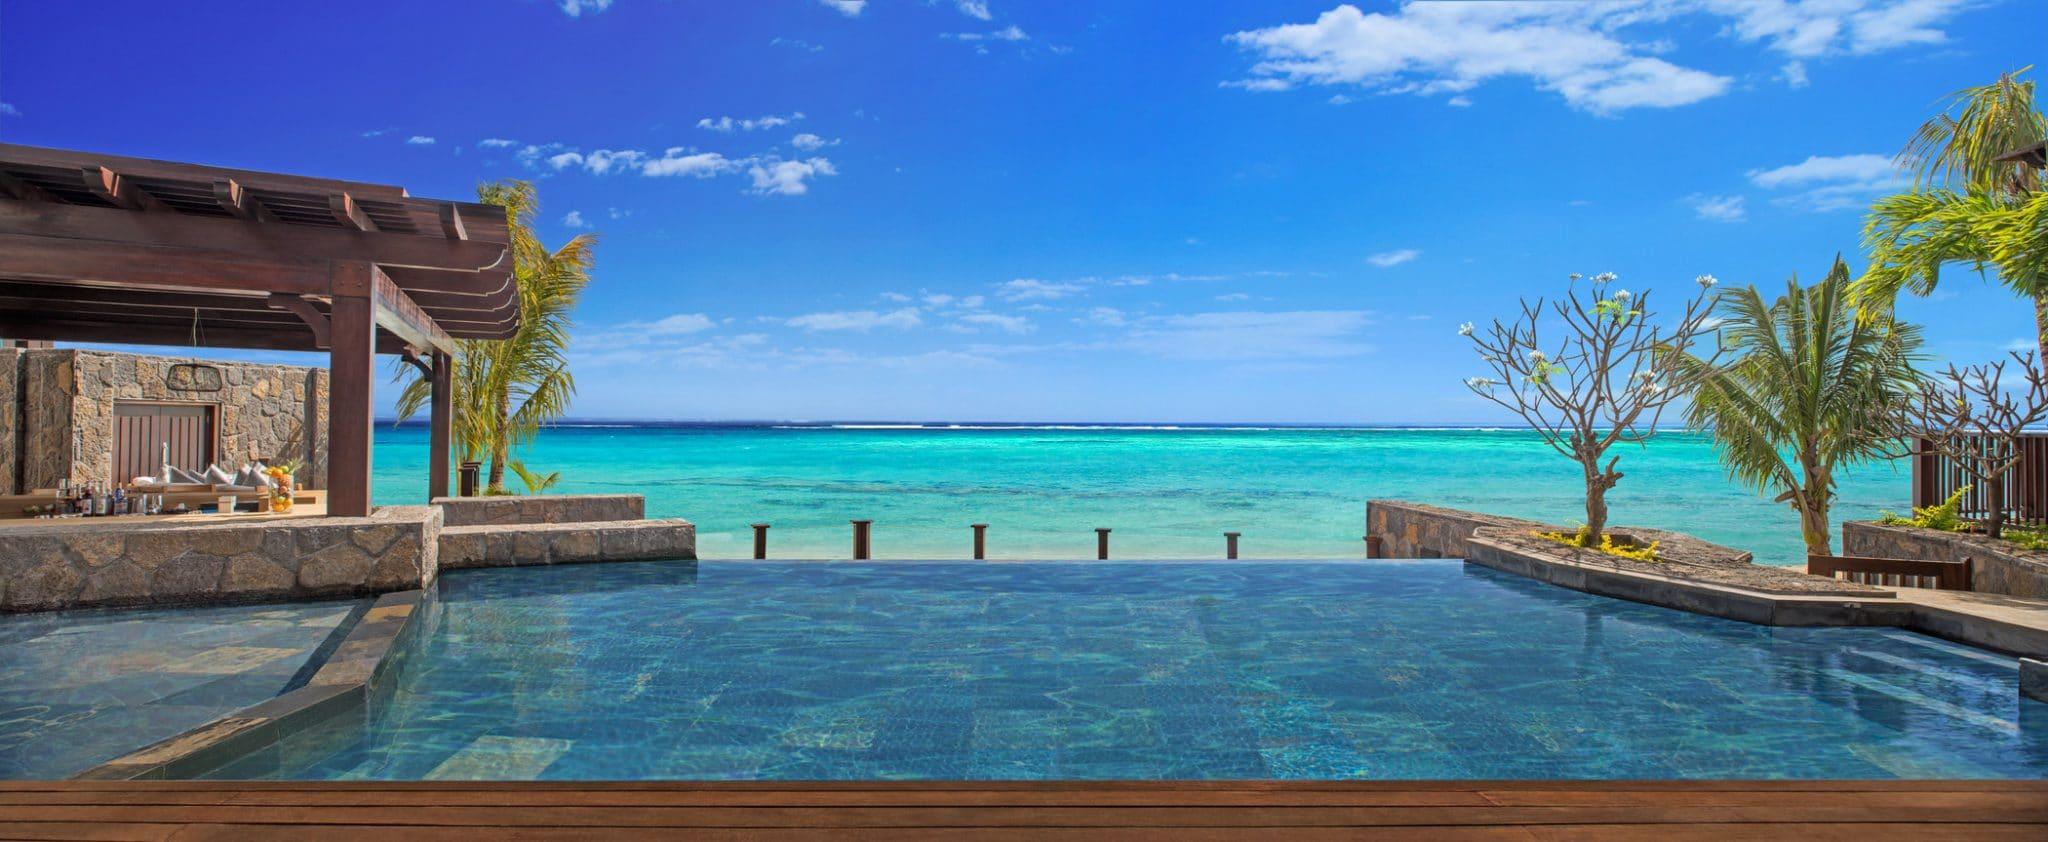 Voyage De R U00eave  U00e0 L U0026 39 H U00f4tel The St Regis Mauritius